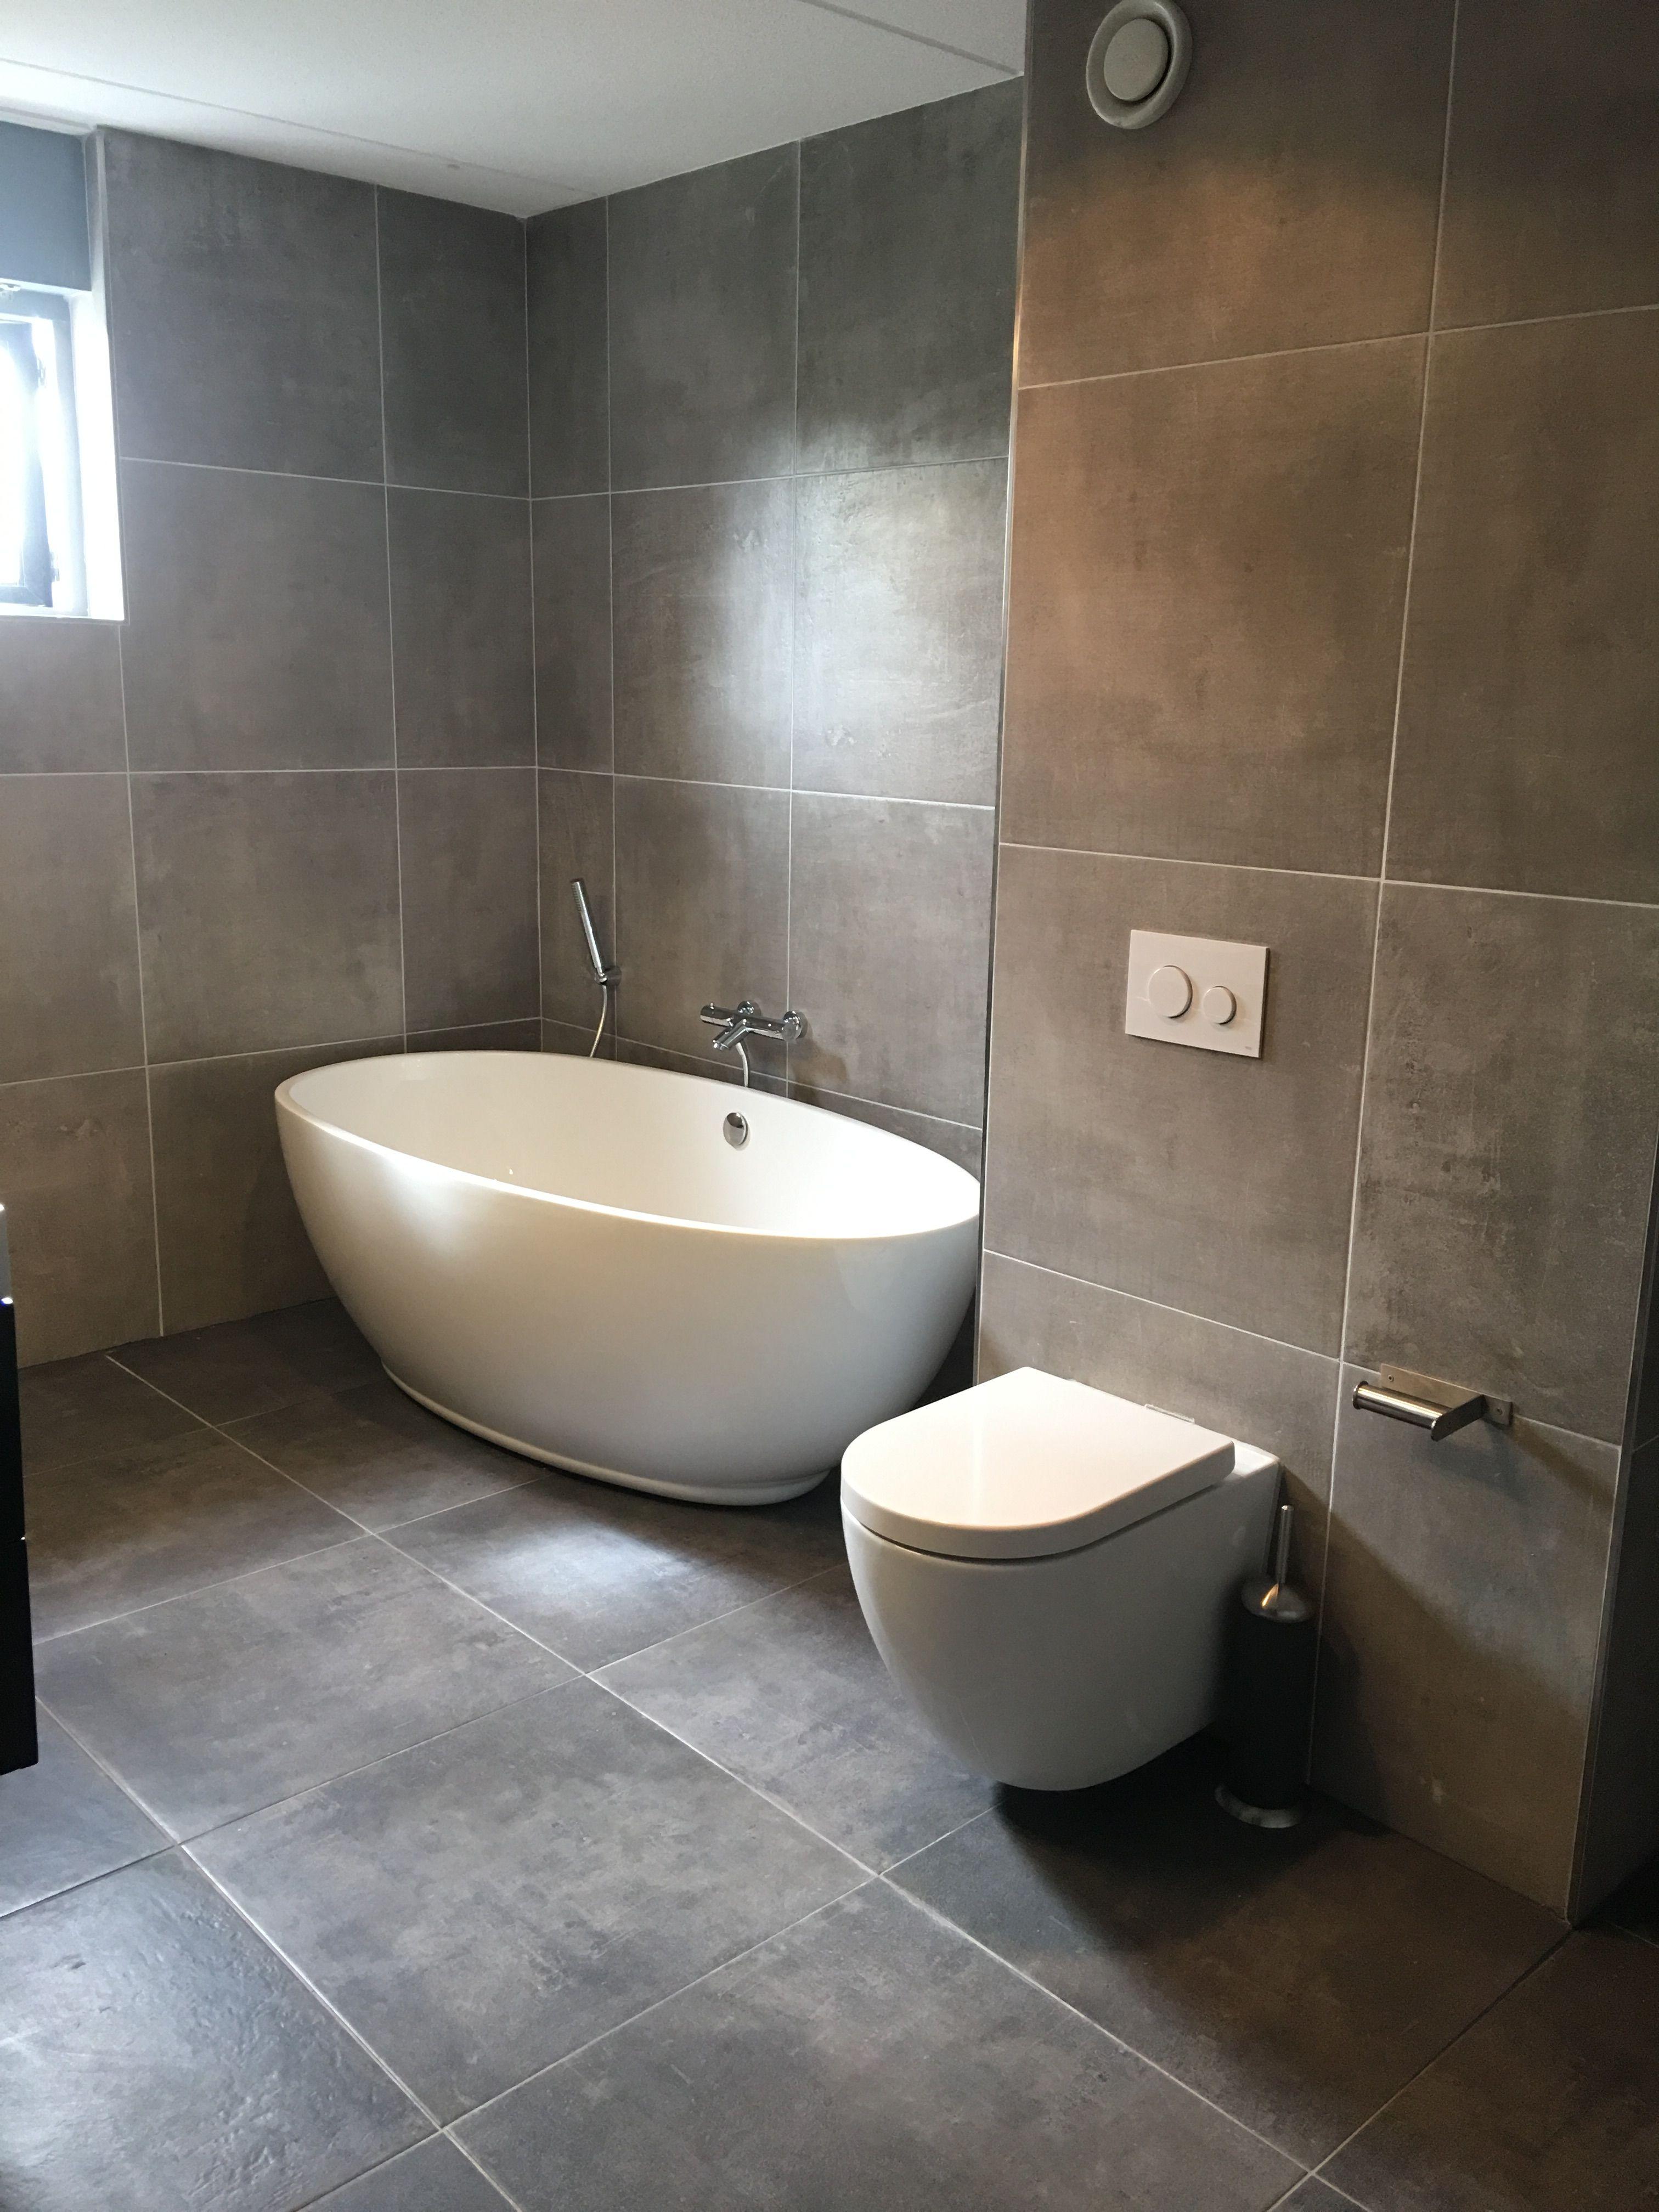 Bomber bad met Tece inbouw toilet lekker strak donkere tegel 60 bij 60 cm op